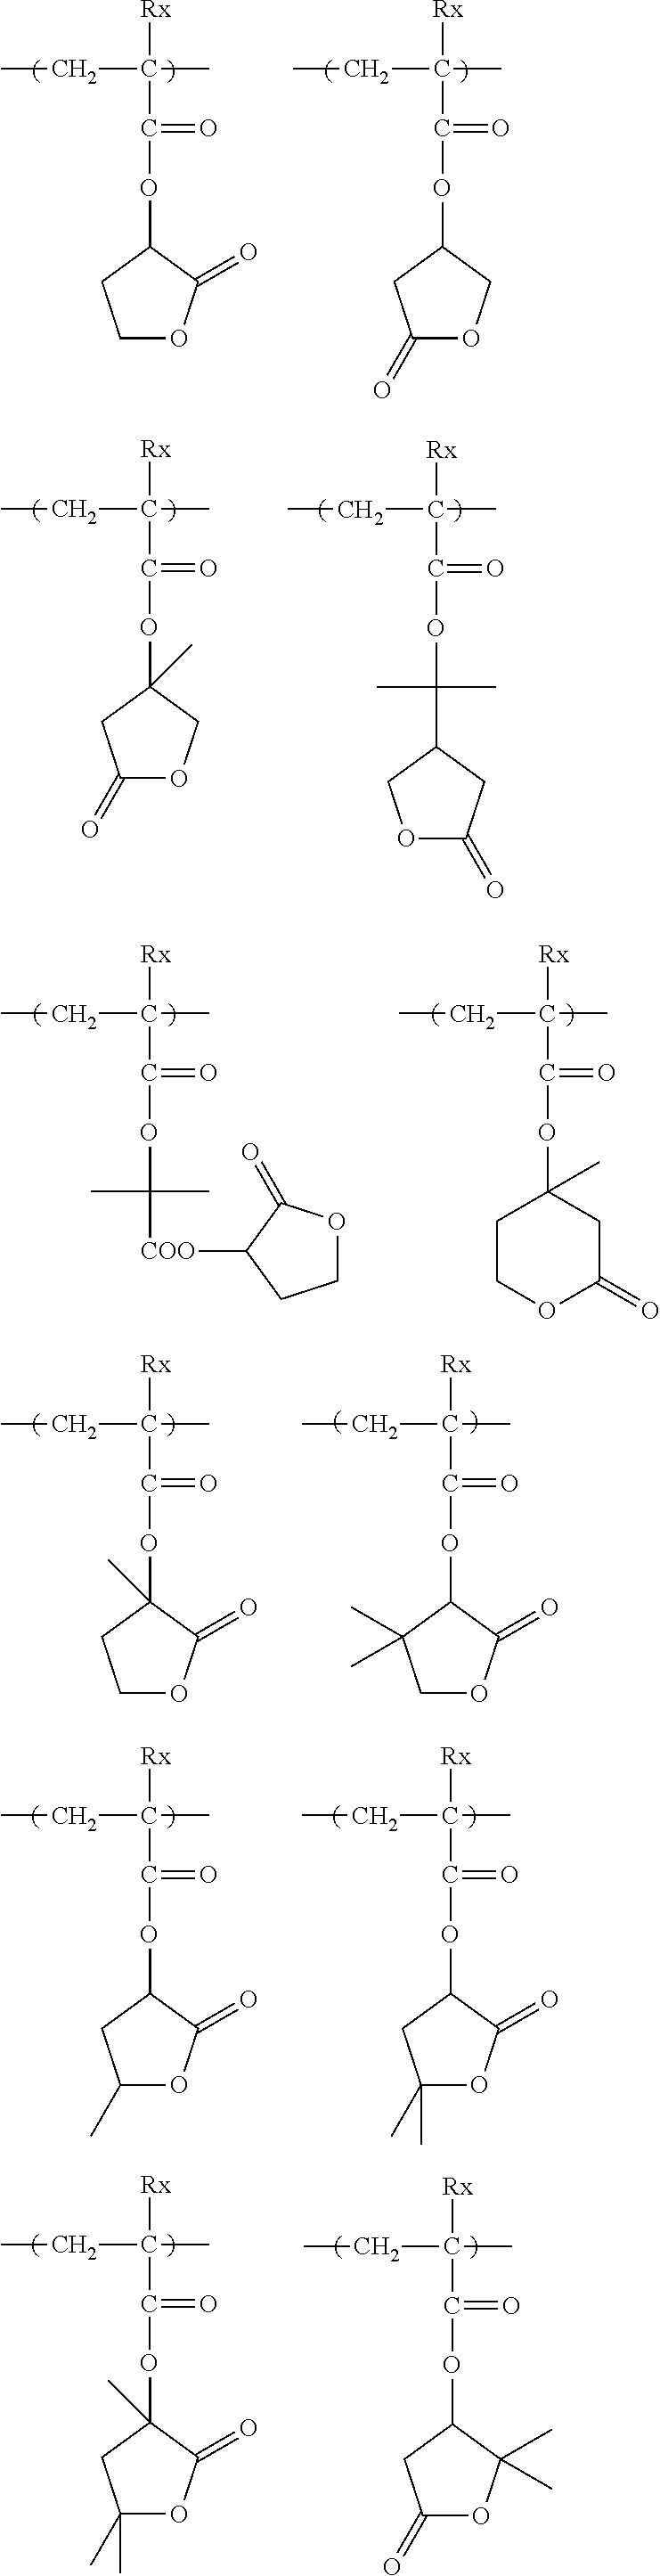 Figure US08071272-20111206-C00018